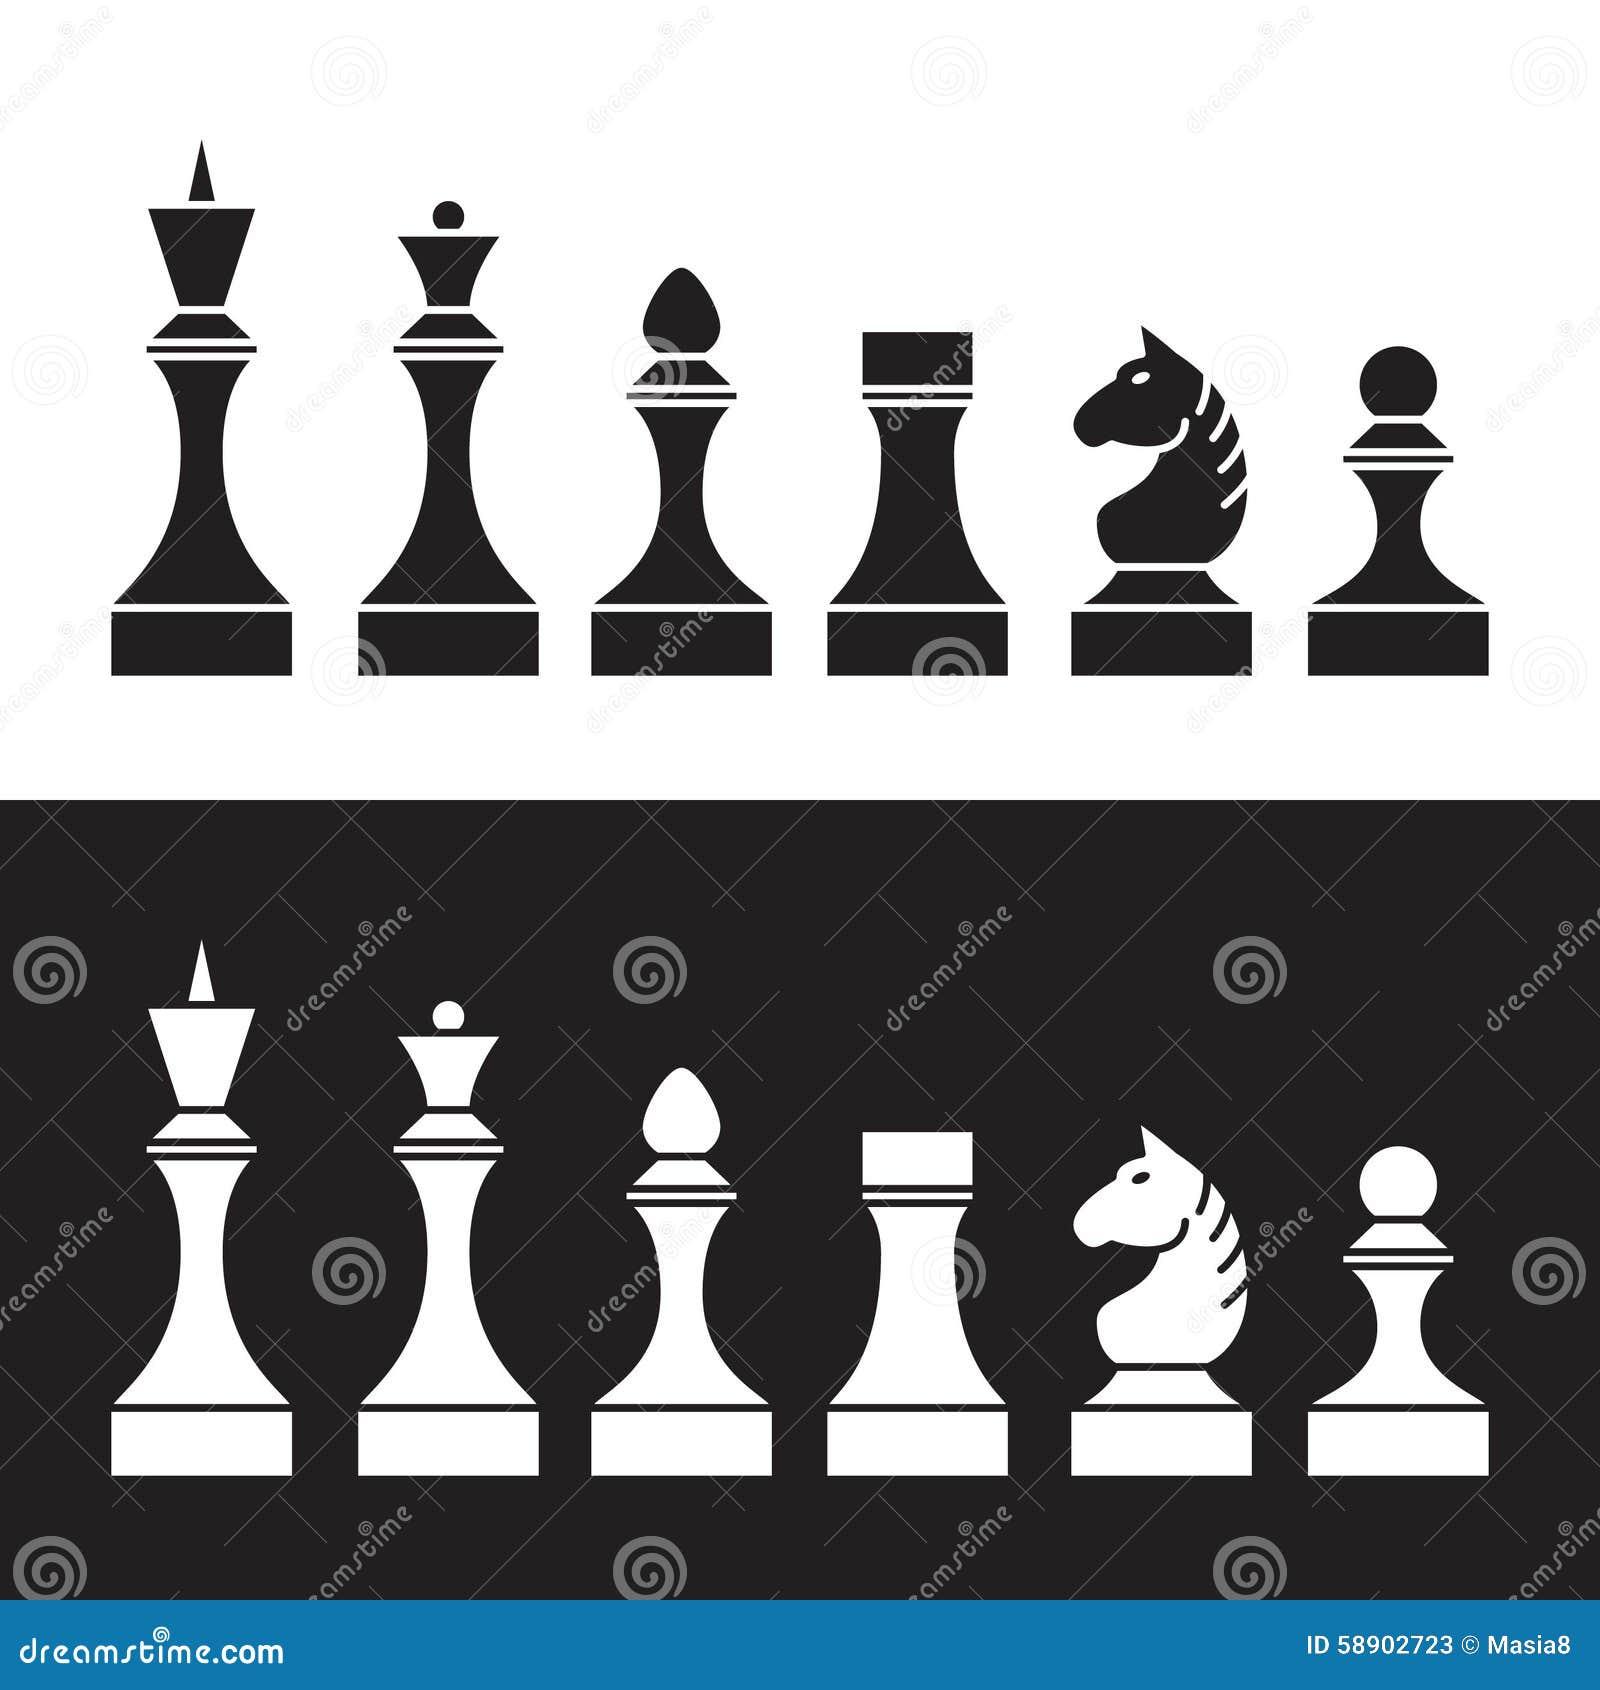 套棋子(西洋棋棋子)图片